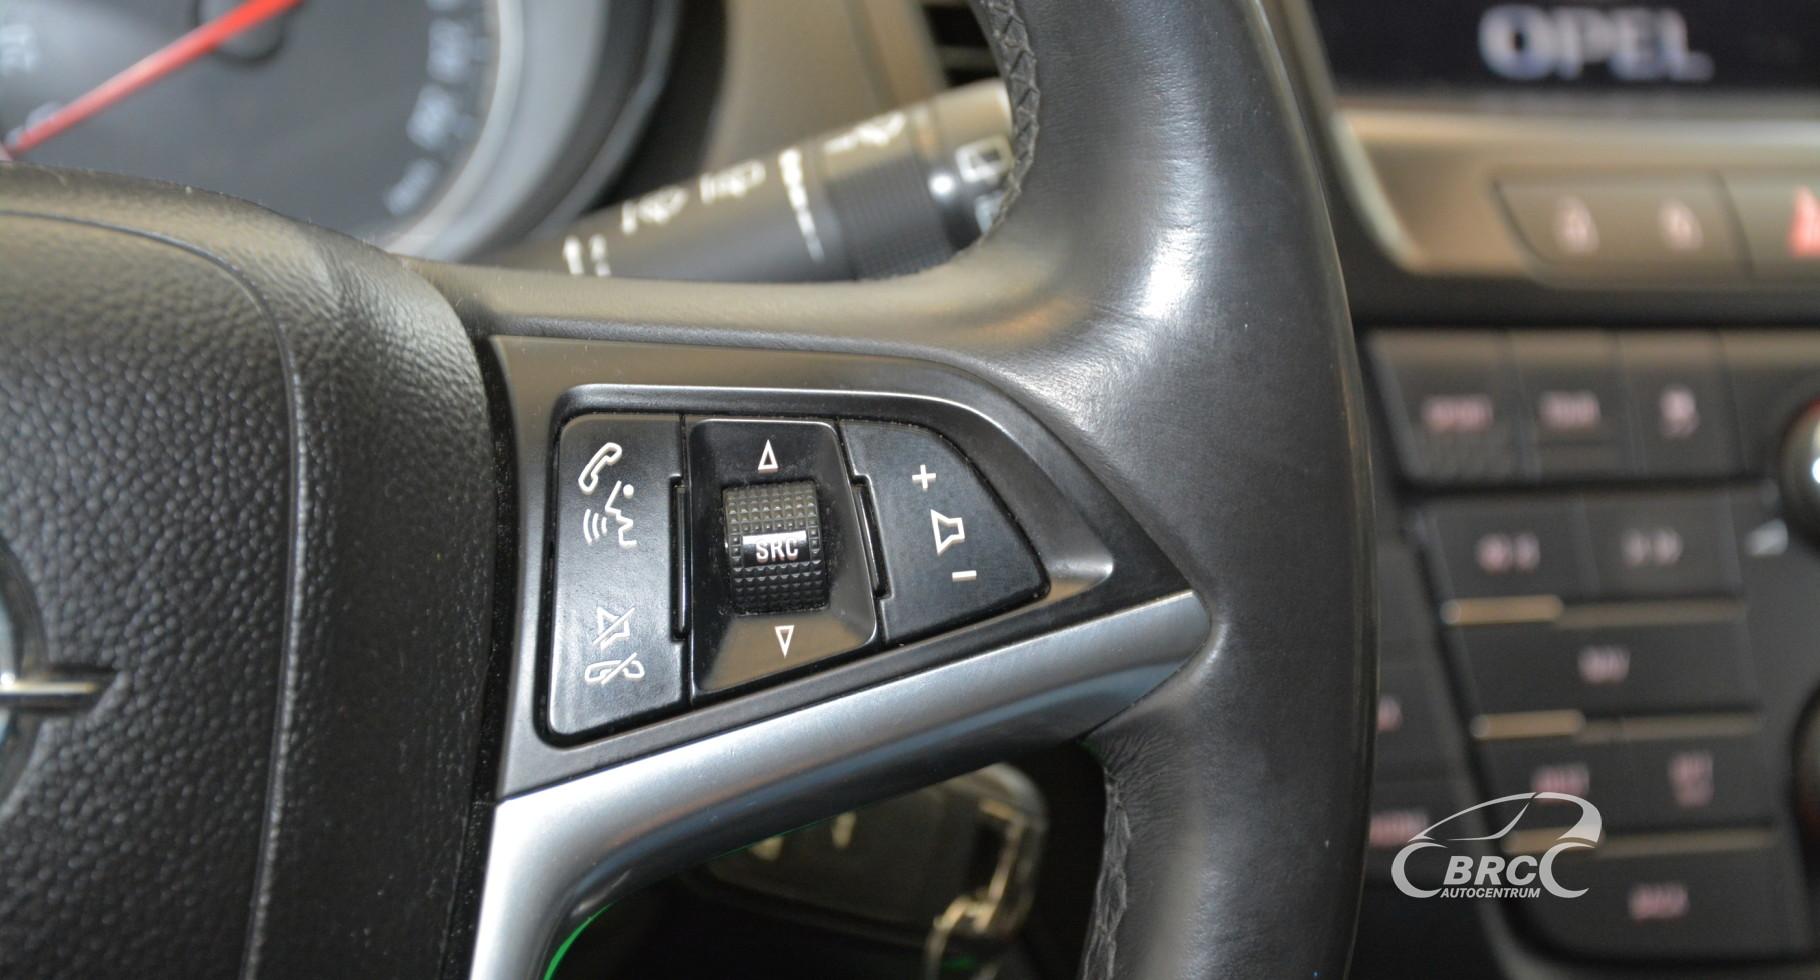 Opel Insignia 2.0 CDTI Sports Tourer